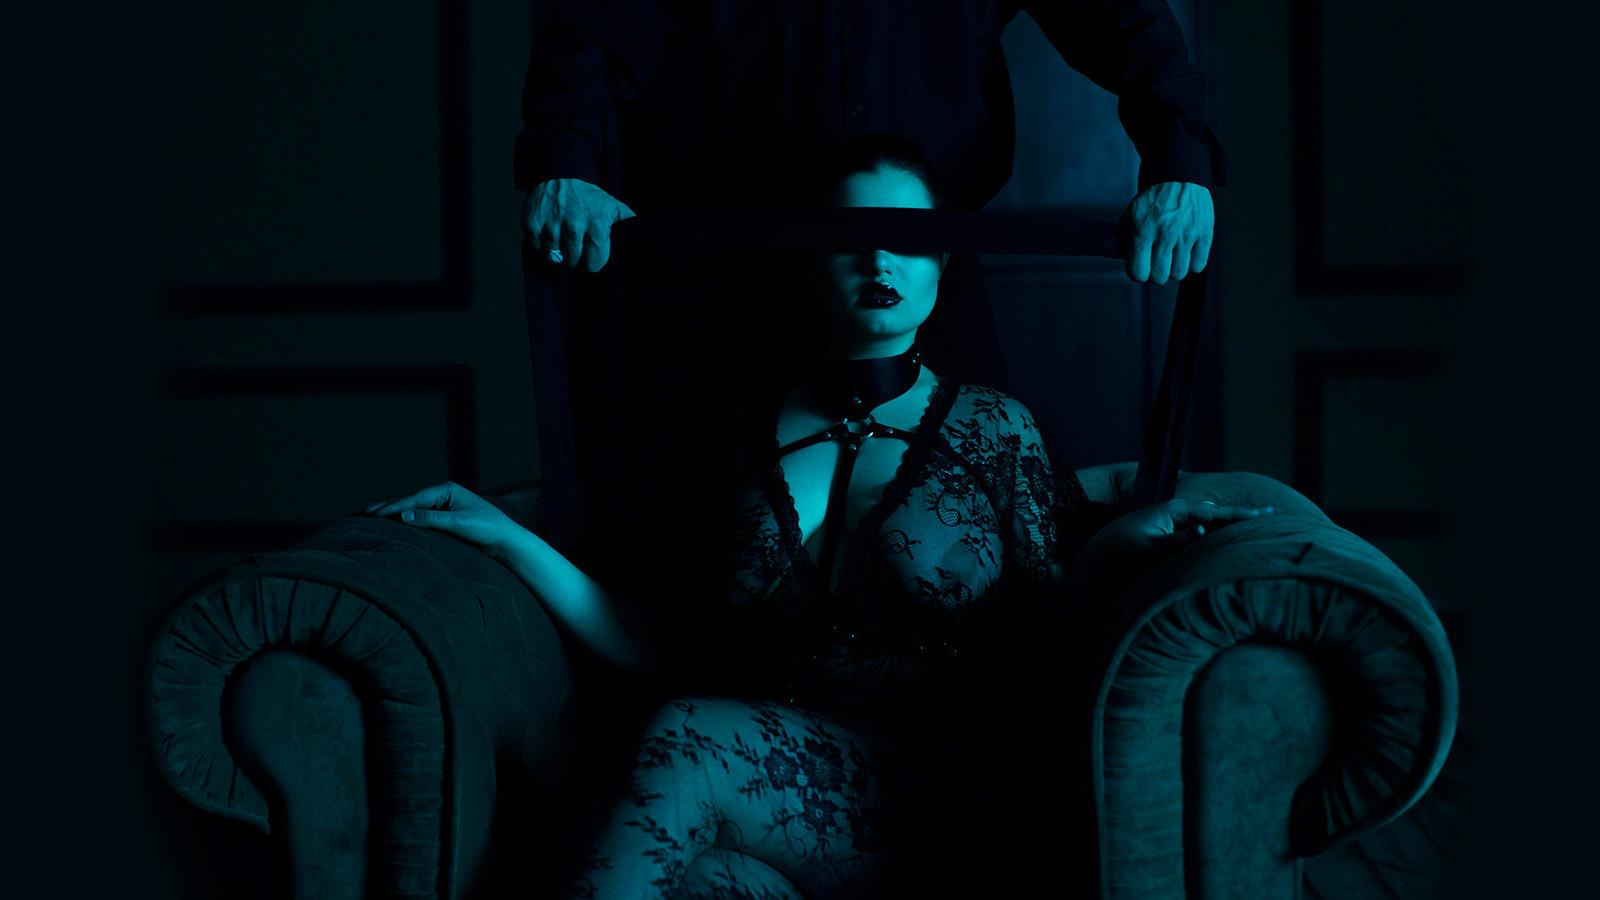 مدیتیشن و BDSM چقدر به هم نزدیک هستند؟ بی دی اس ام تراپی!